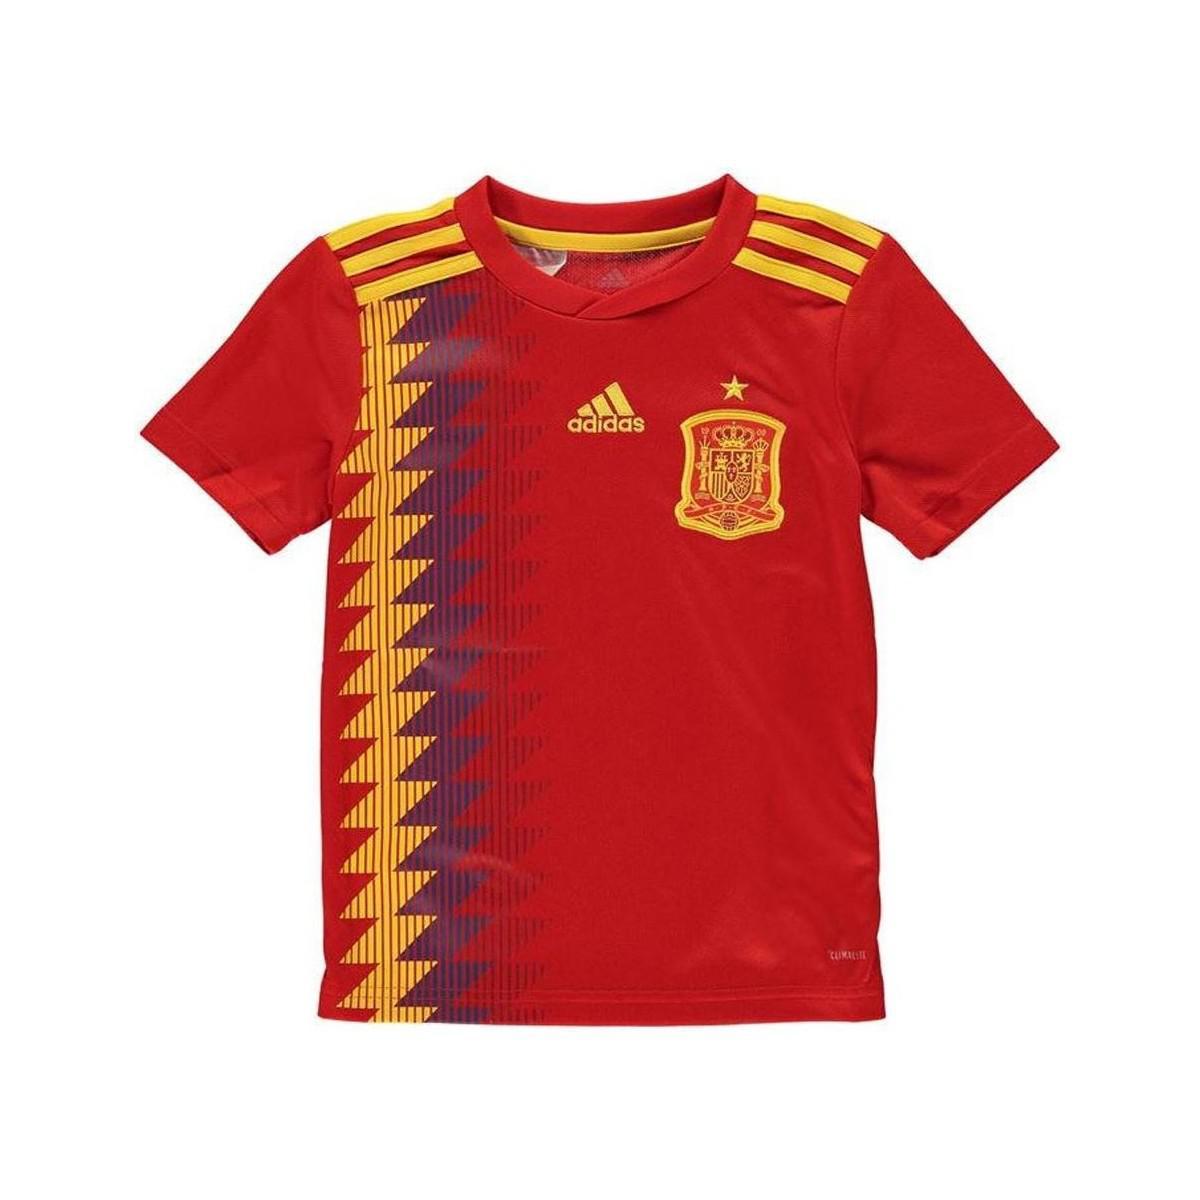 1a4341c80 Adidas 2018-19 Spain Home Shirt (a Iniesta 6) - Kids Women s T Shirt ...